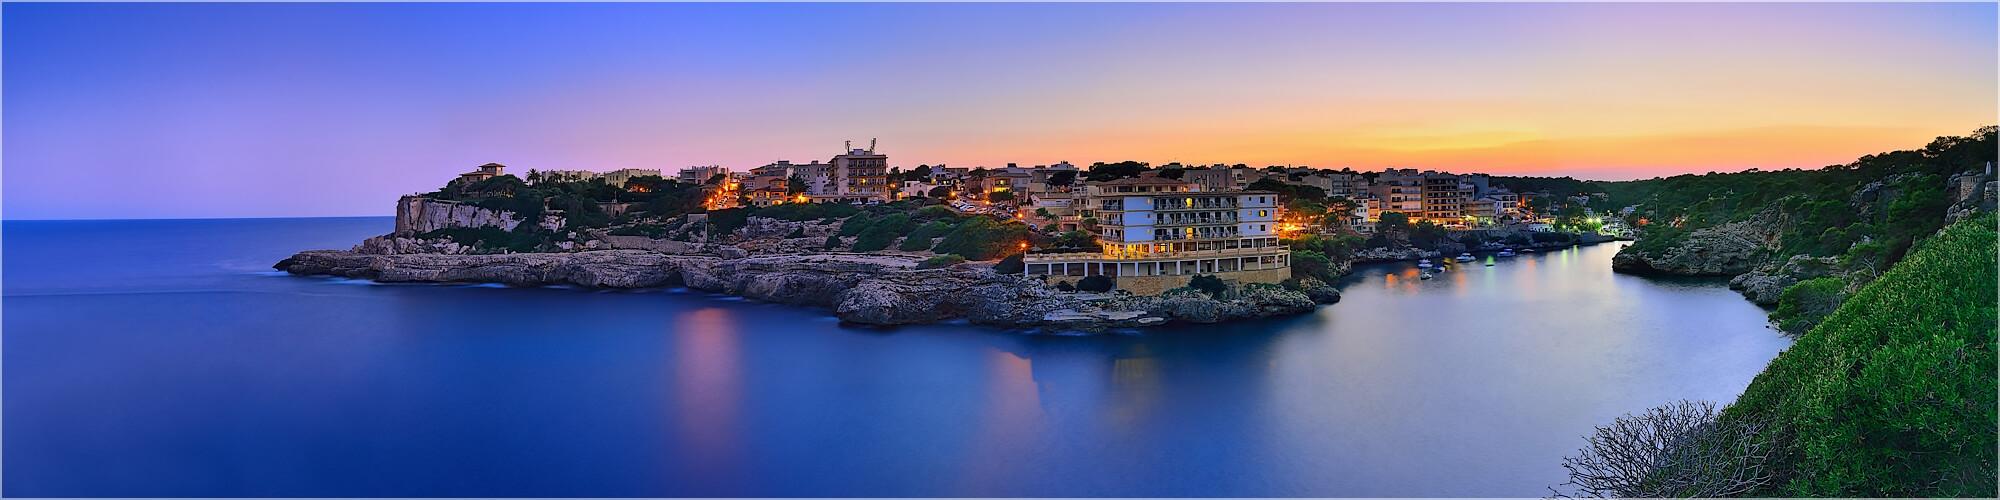 Panoramabild Sonnenuntergang Cala Figuera Mallorca